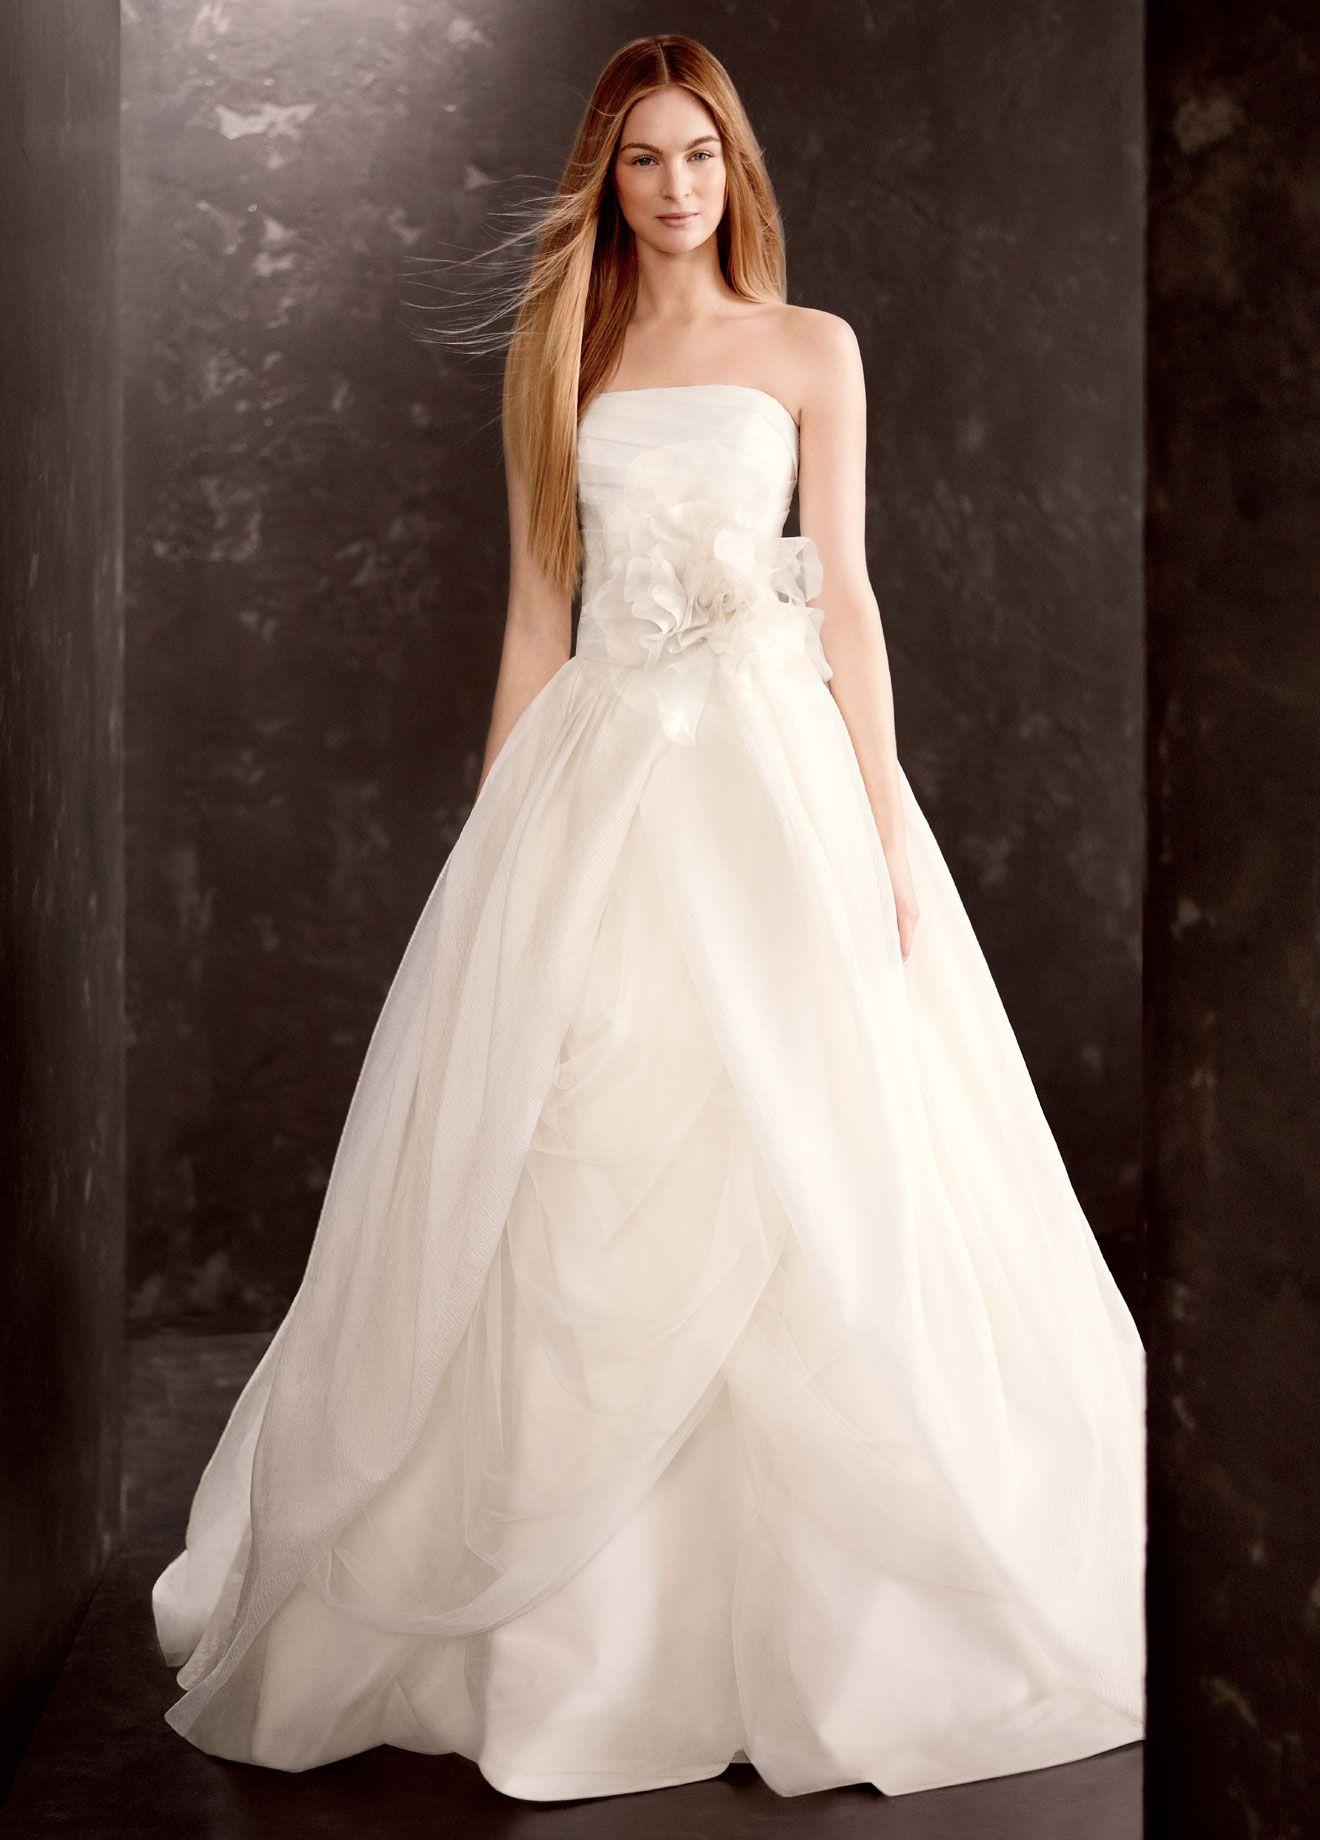 Свадебный бутик - Свадебные платья от известных дизайнеров. Лучшие